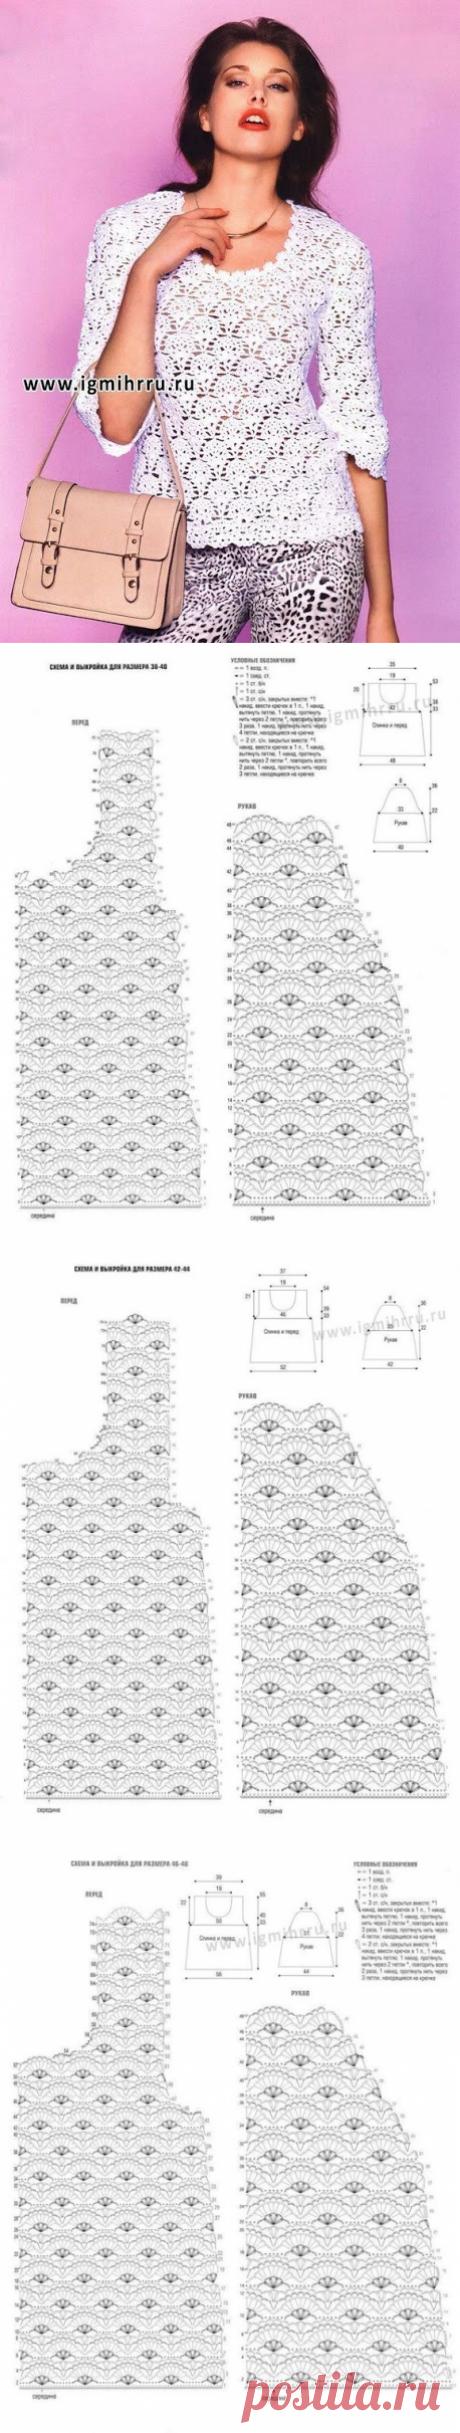 Модели вязания со схемами и описаниями: Ажурный пуловер крючком